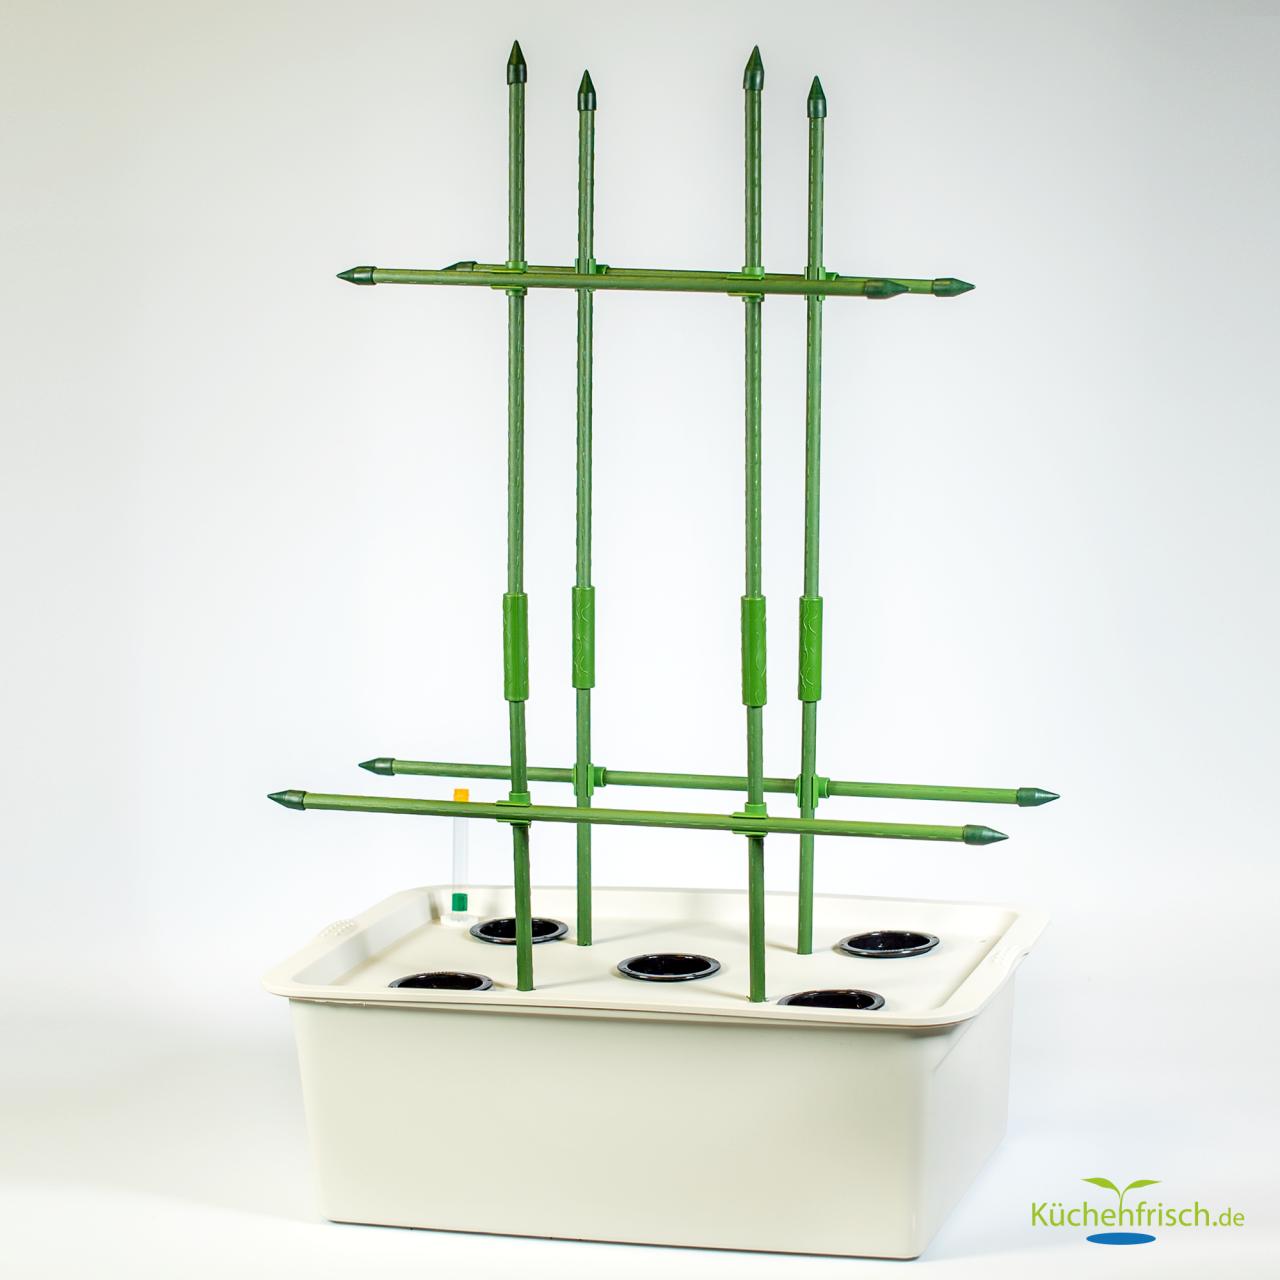 Indoorgarten DWC-Set 5 Pflanzen mit Pflanzgitter